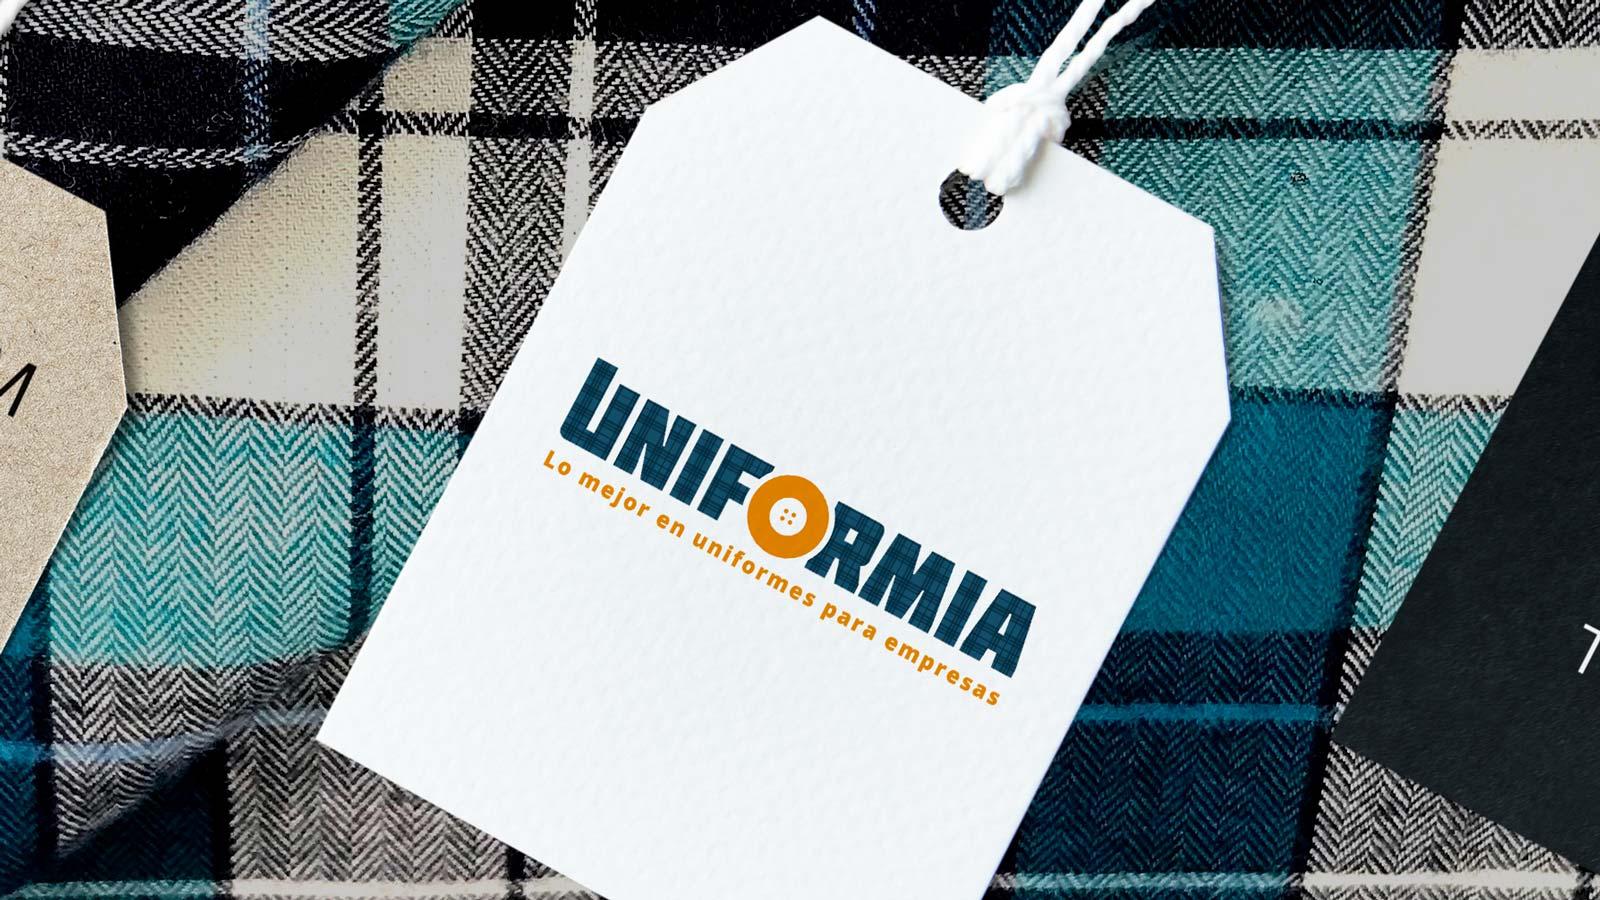 Uniformia Branding